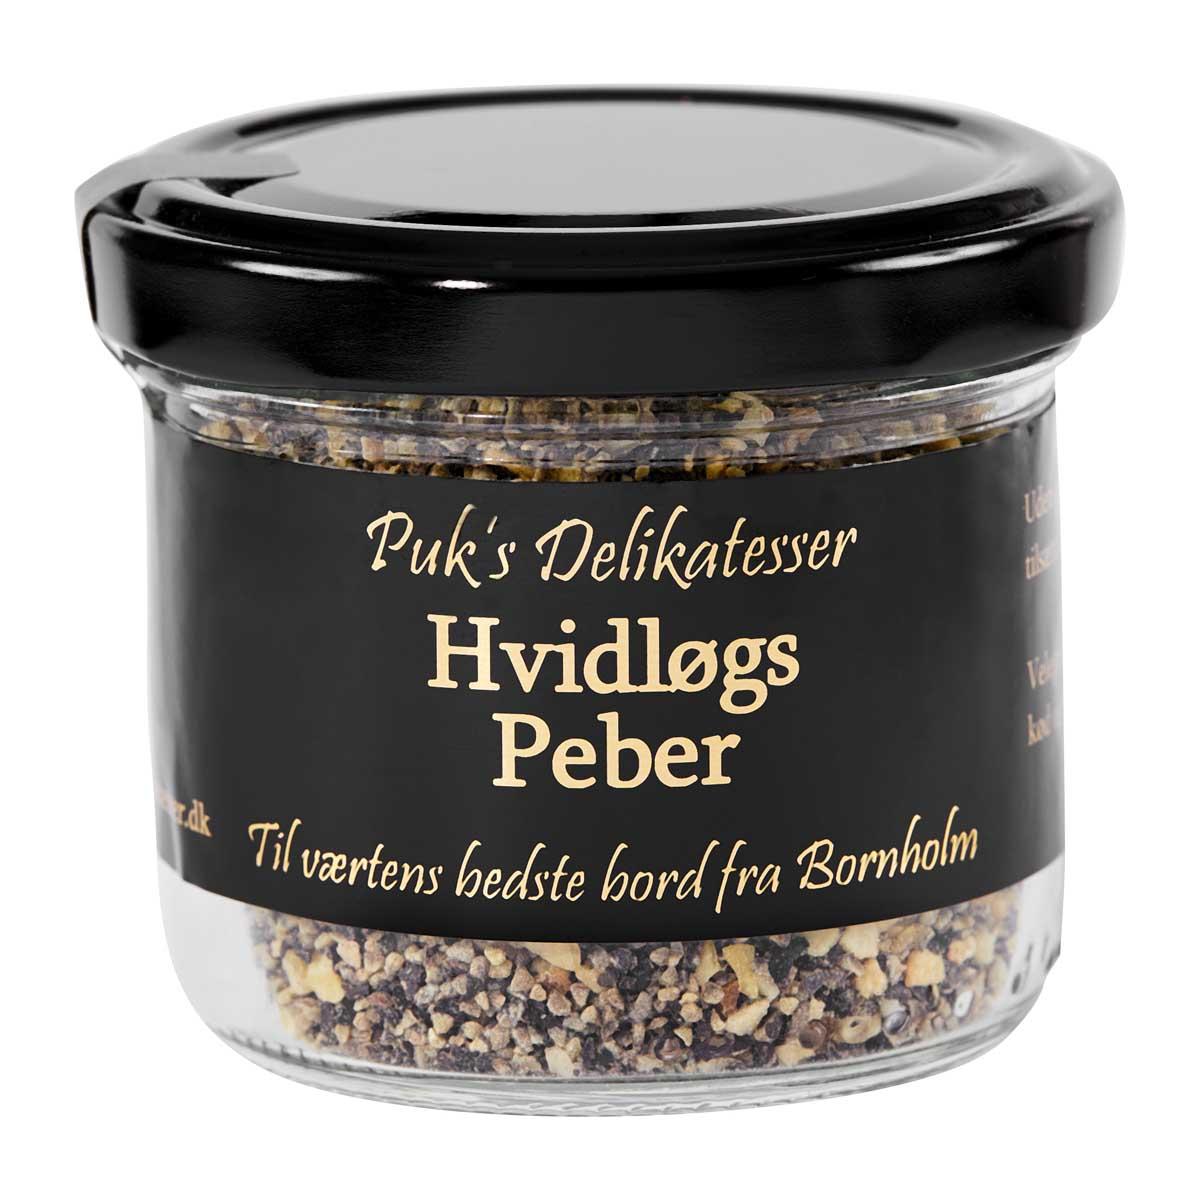 Hvidløgs Peber